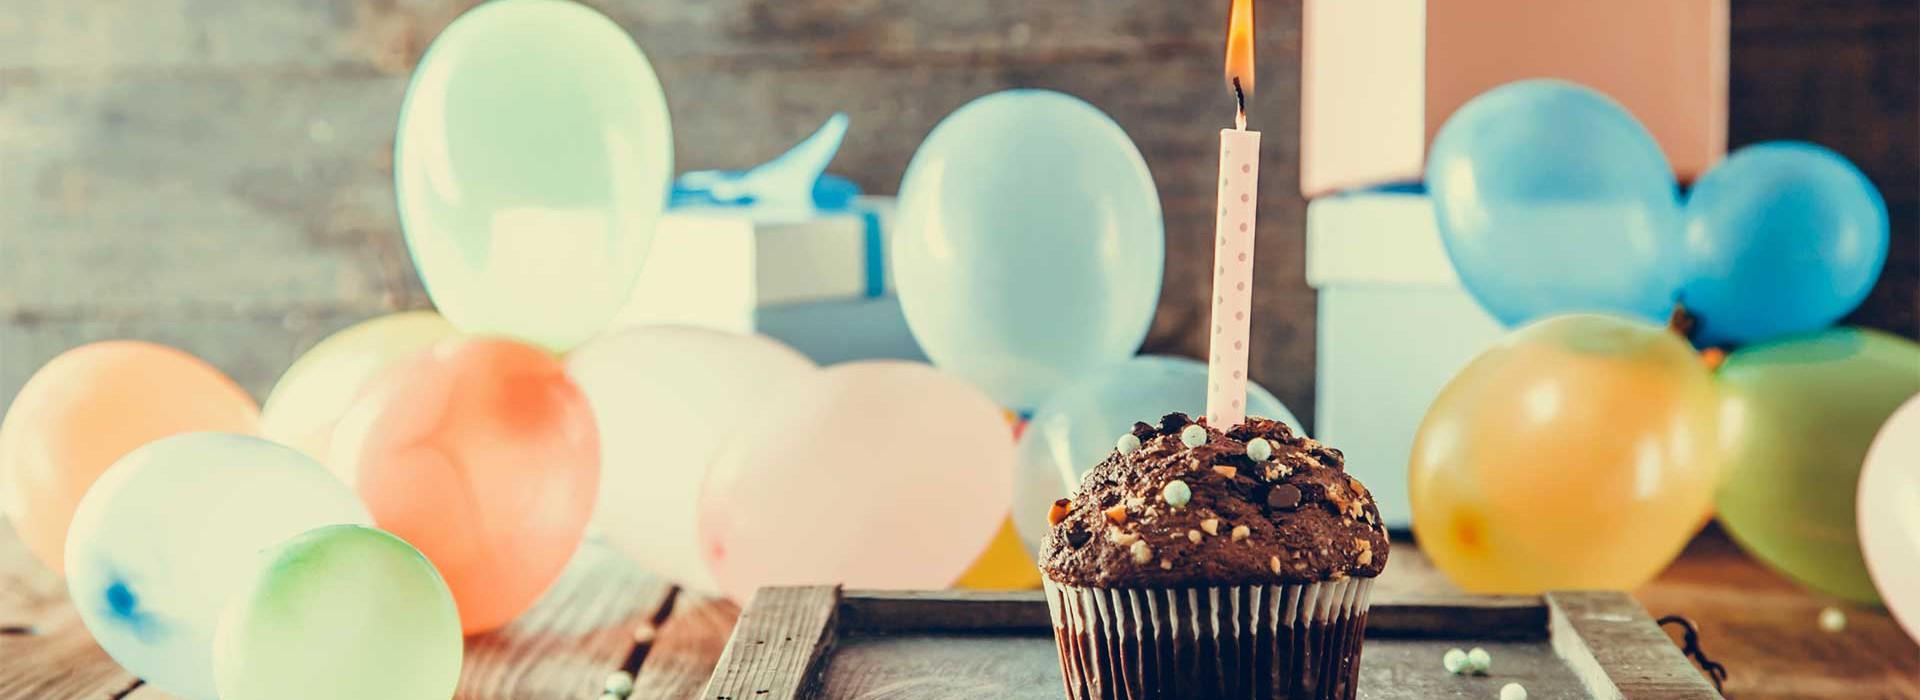 Születésnap rendezése